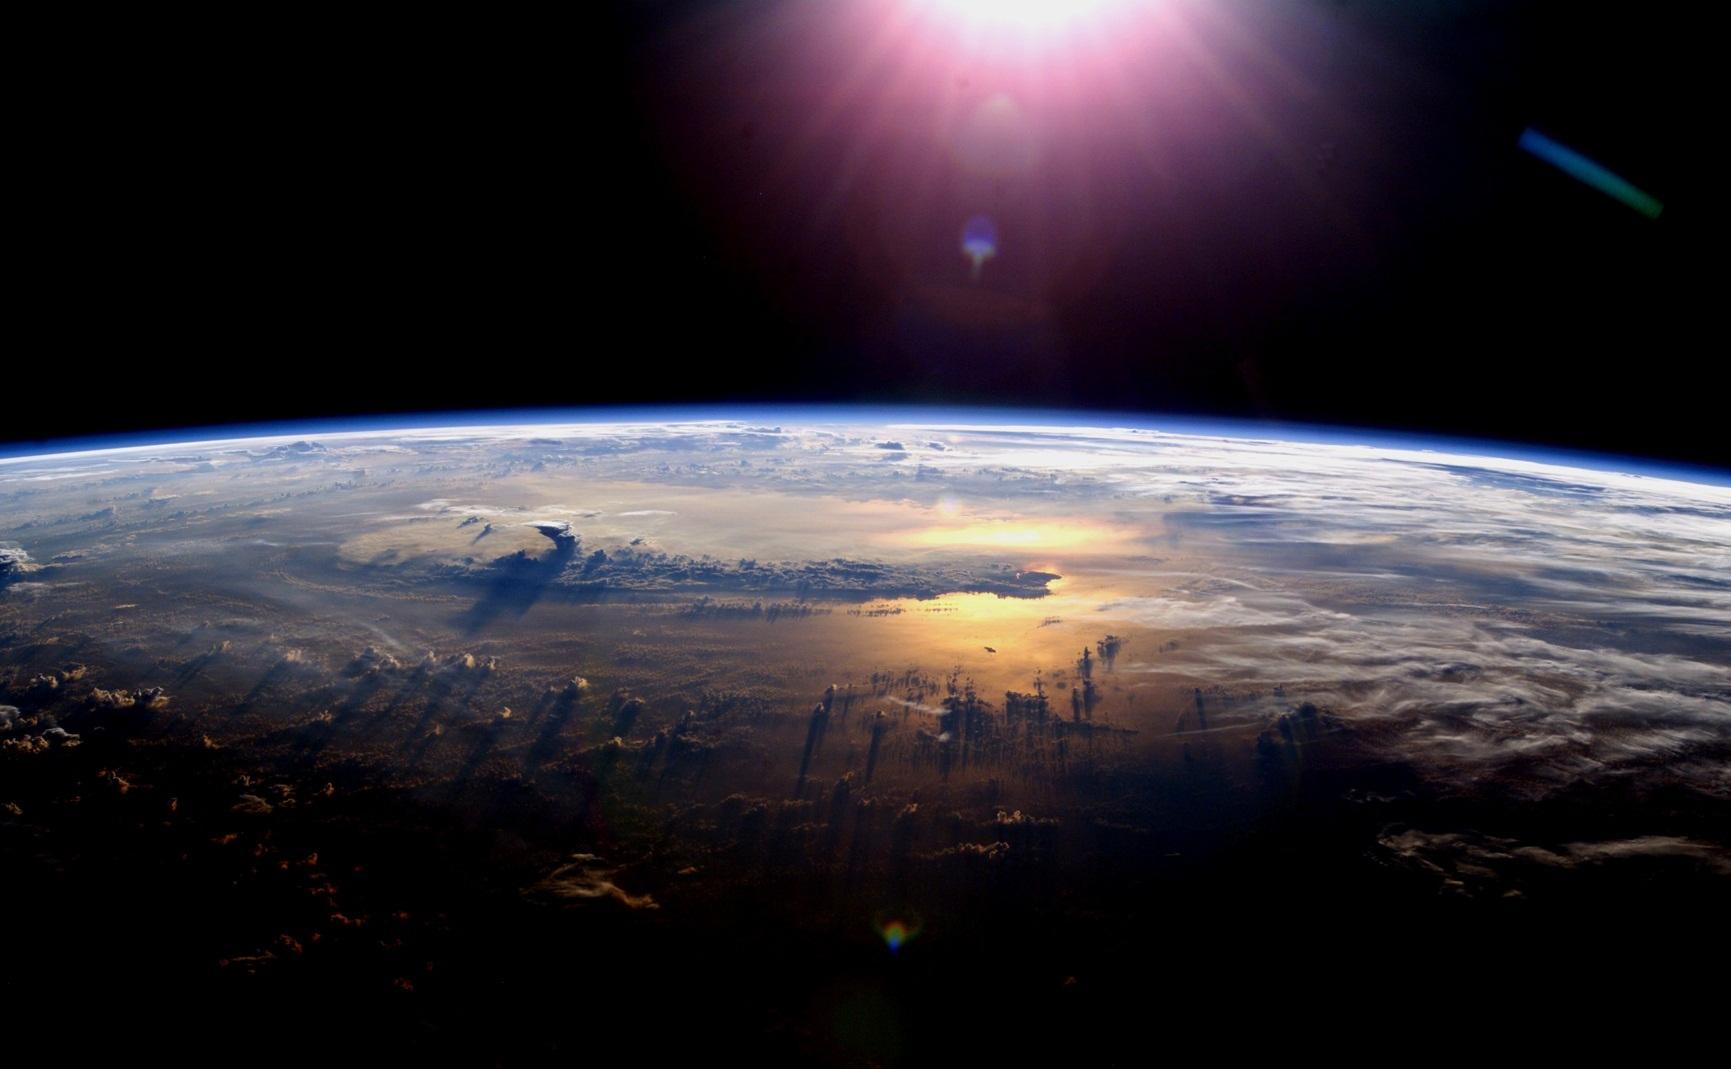 Η ανακάλυψη που θα μπορούσε να αποδείξει ότι υπάρχουν εξωγήινοι